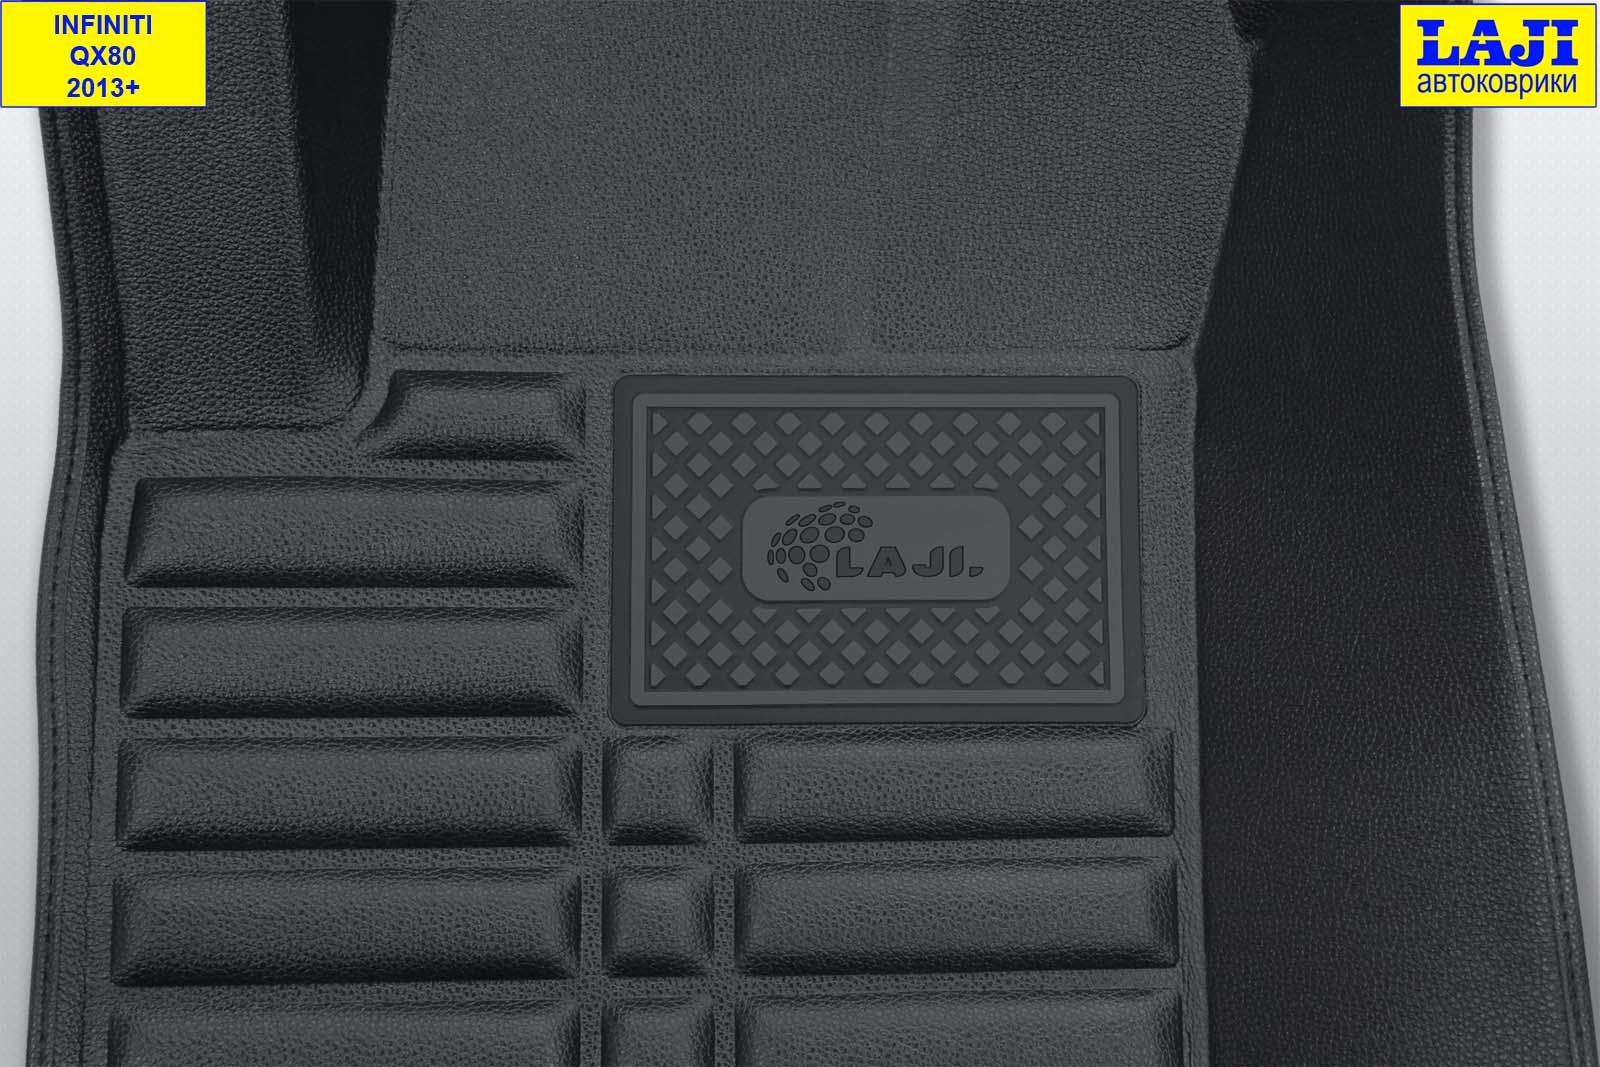 5D коврики в салон Infiniti QX80 2013-н.в. 7